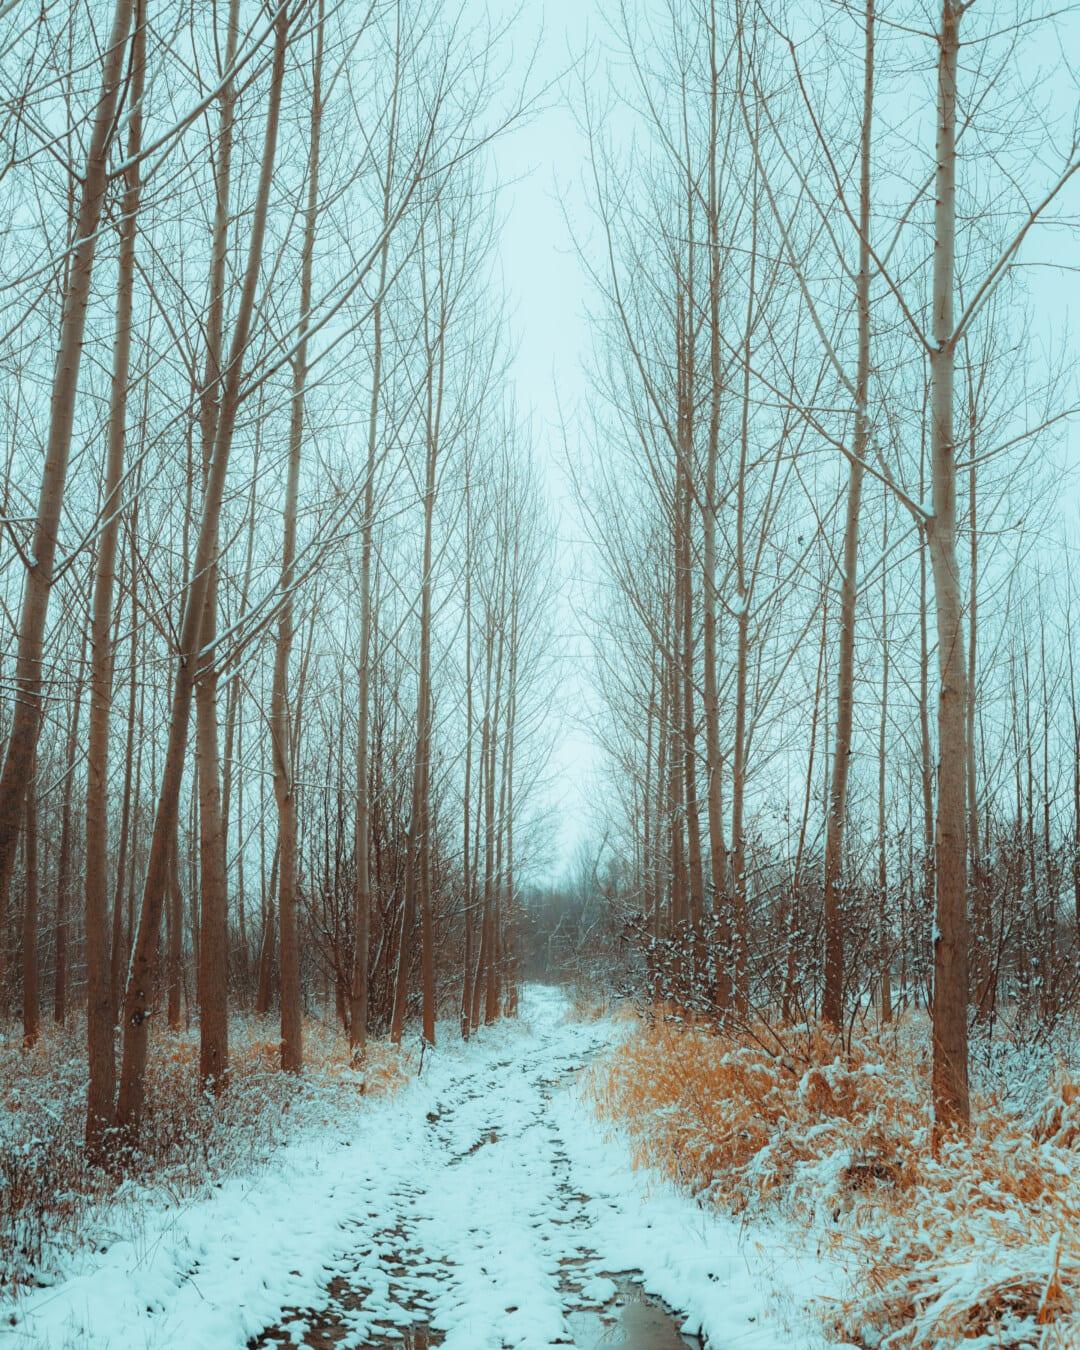 Waldweg, Winter, Forststraße, Bäume, Pappel, Schnee, schlechtes Wetter, Frost, Kälte, Holz